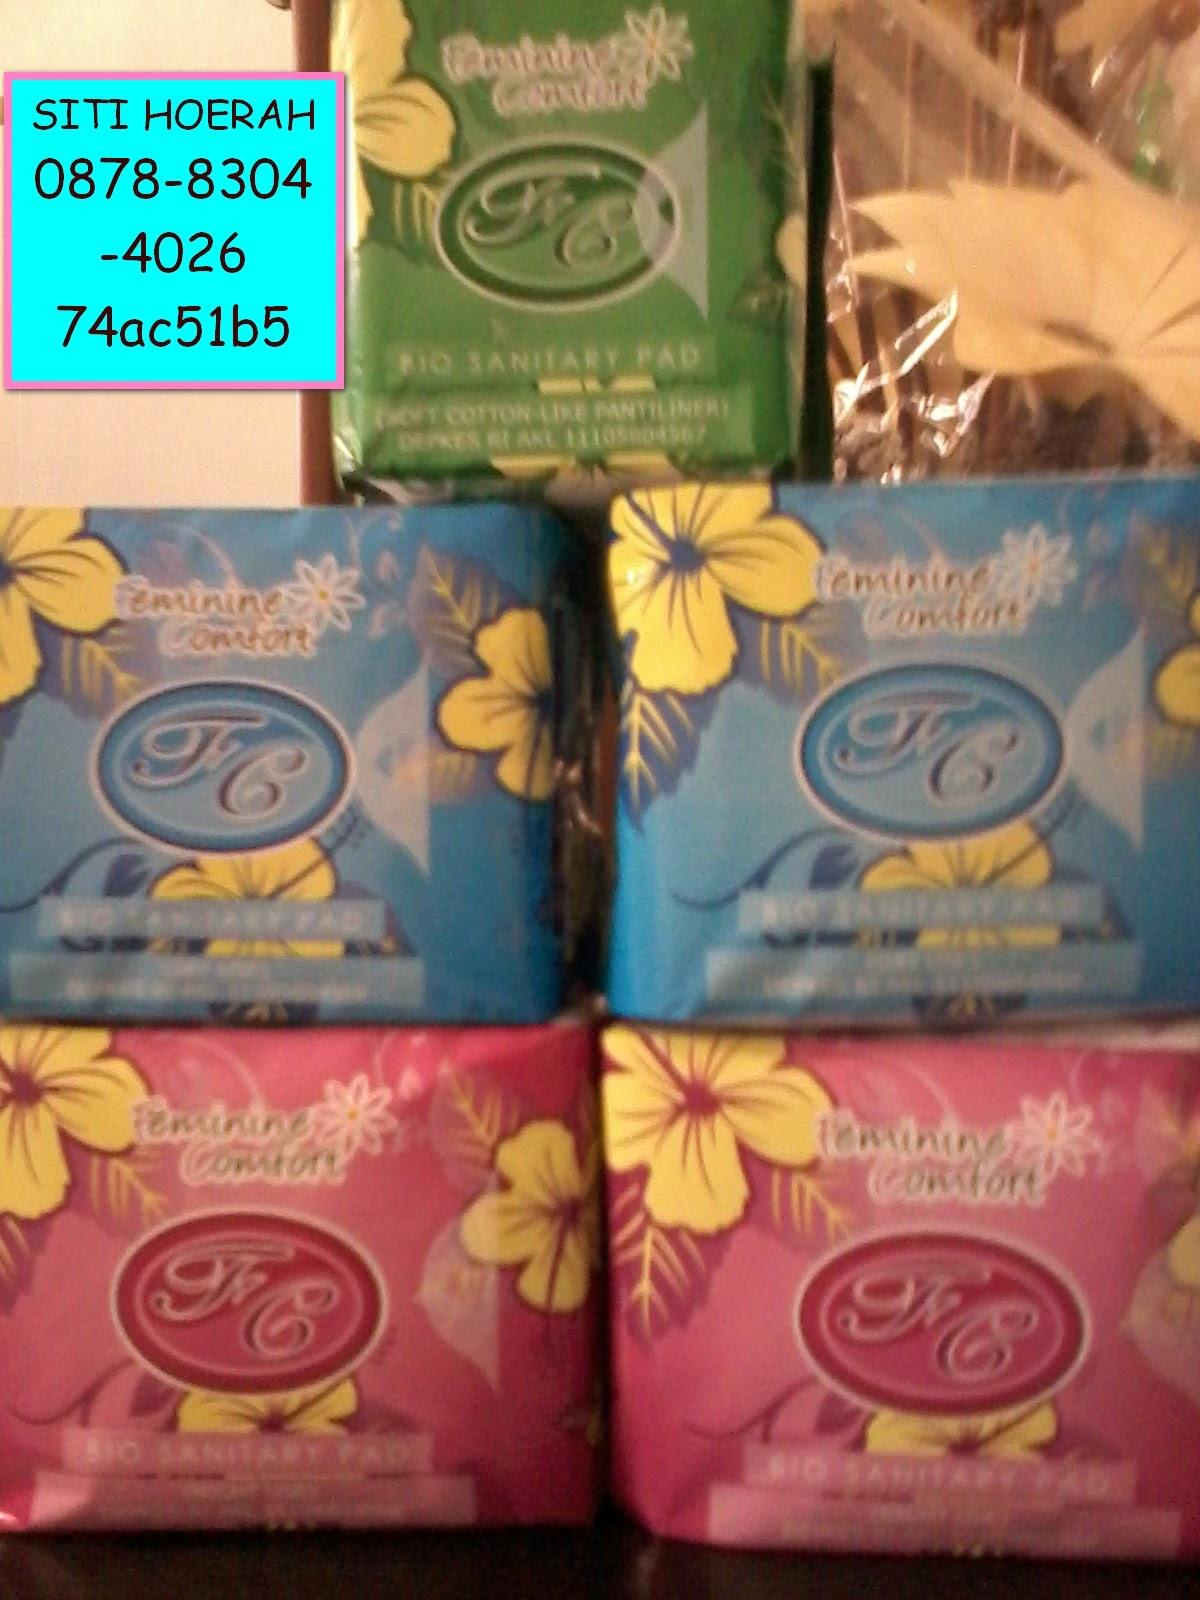 Agen Pembalut Herbal Avail Cirebon Resmi Kapas Di Kuningan Jawa Barat 0878 8304